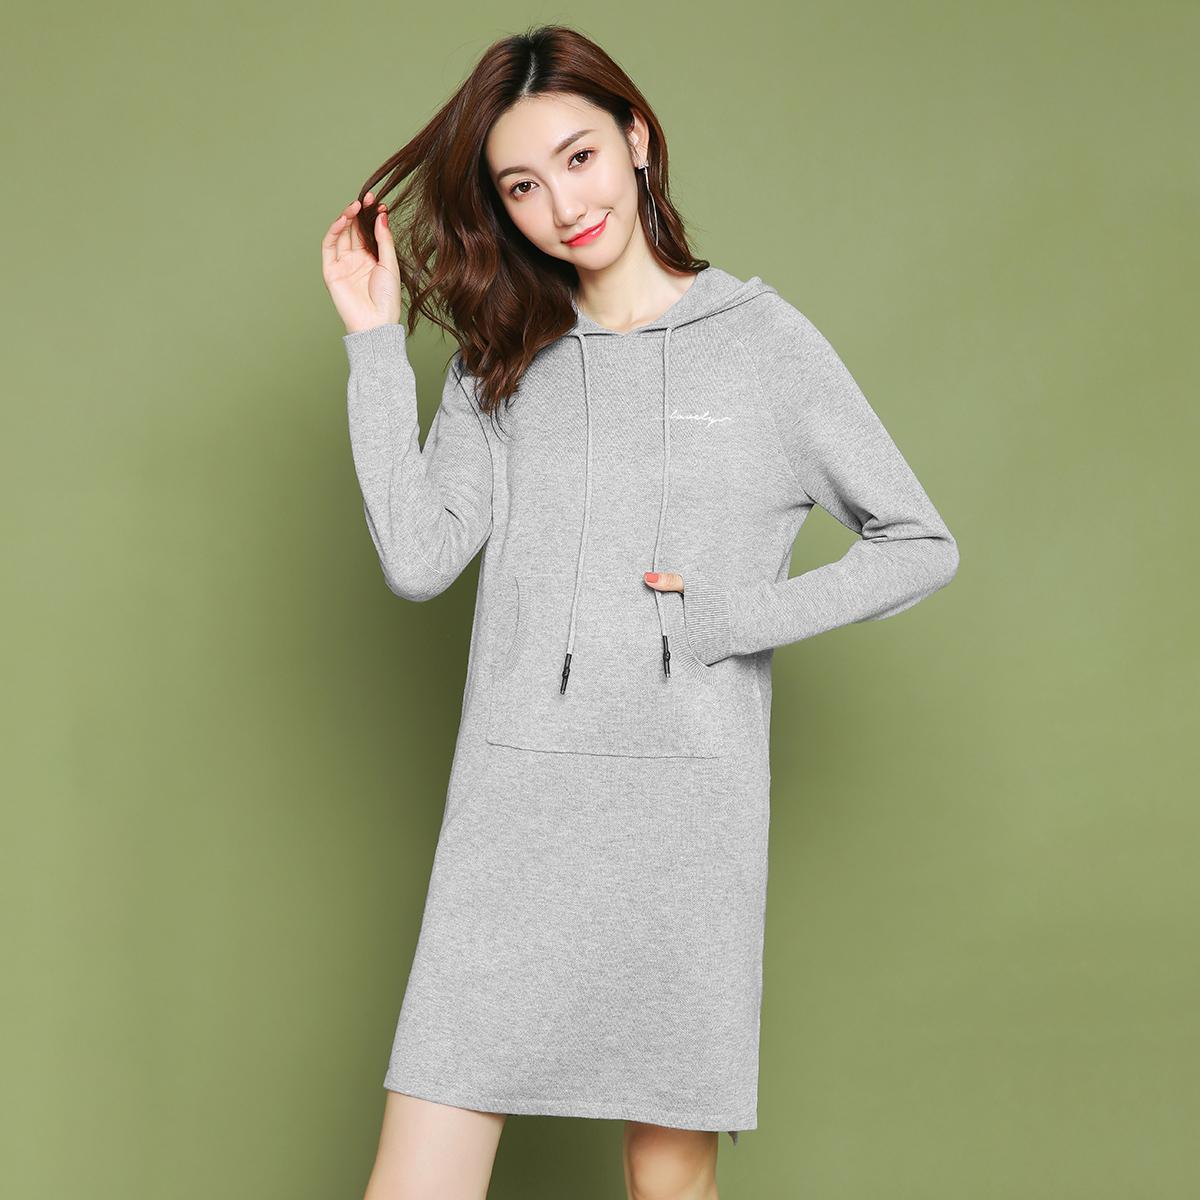 秋装女连衣裙拉夏贝尔2018新款秋季长袖中长款修身韩版裙子女士